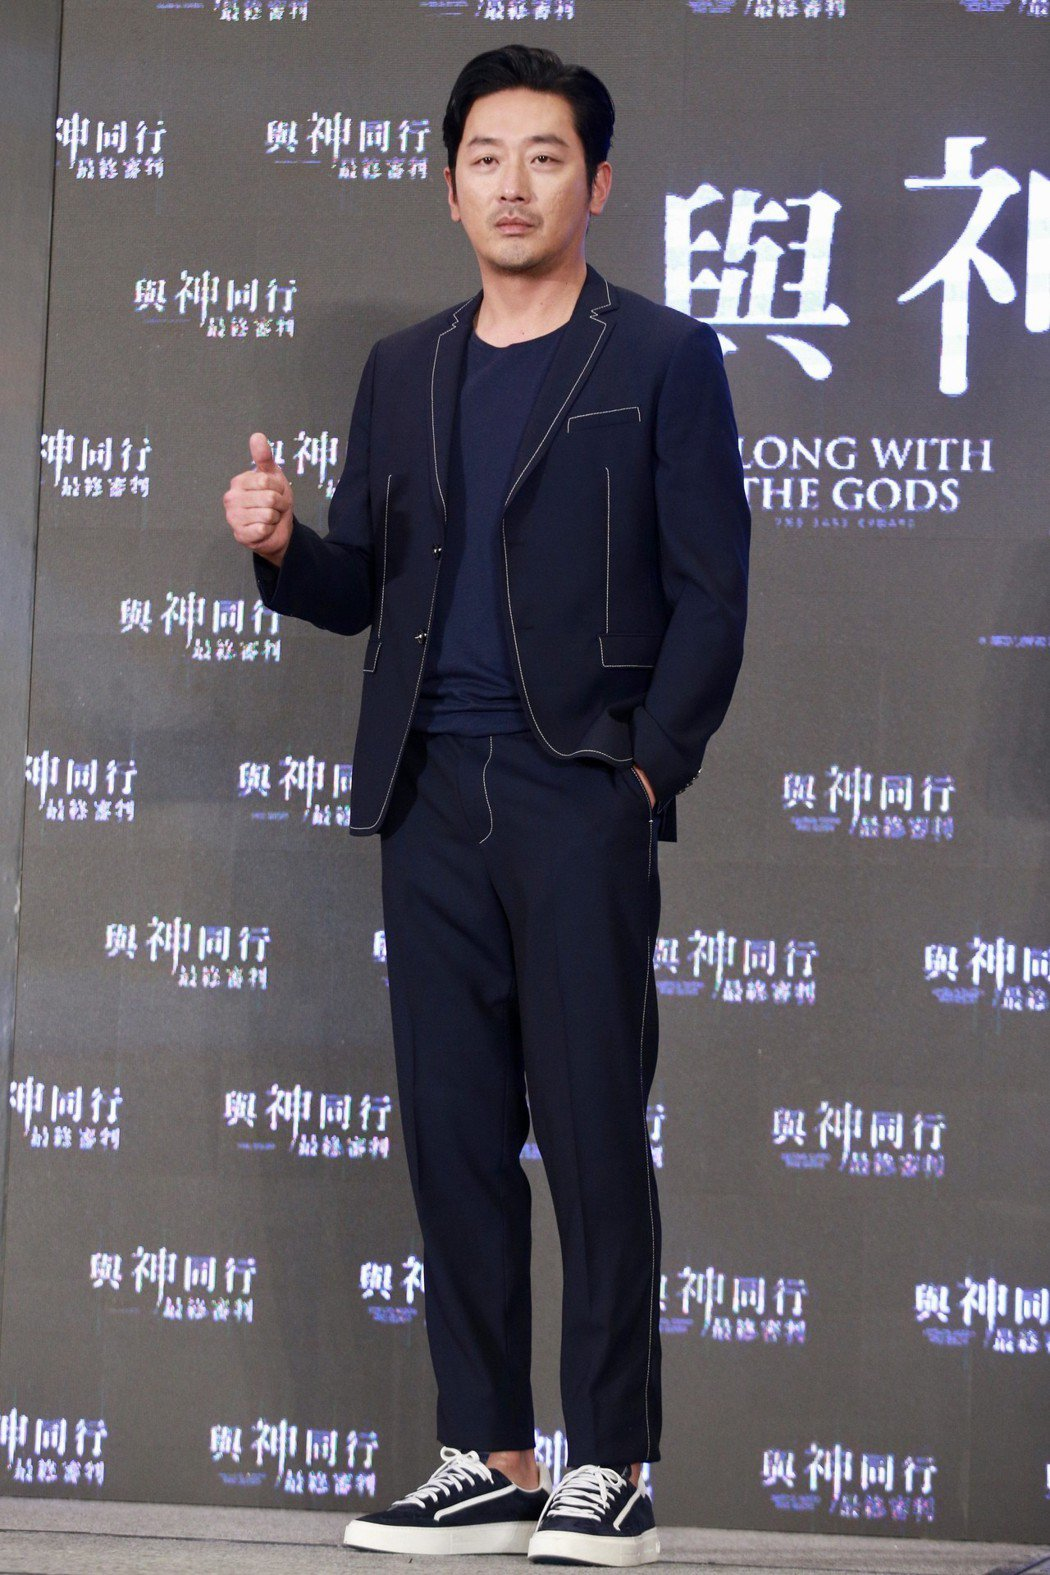 南韓電影「與神同行」,片中飾演陰間使者的韓星河正宇。圖/報系資料照片